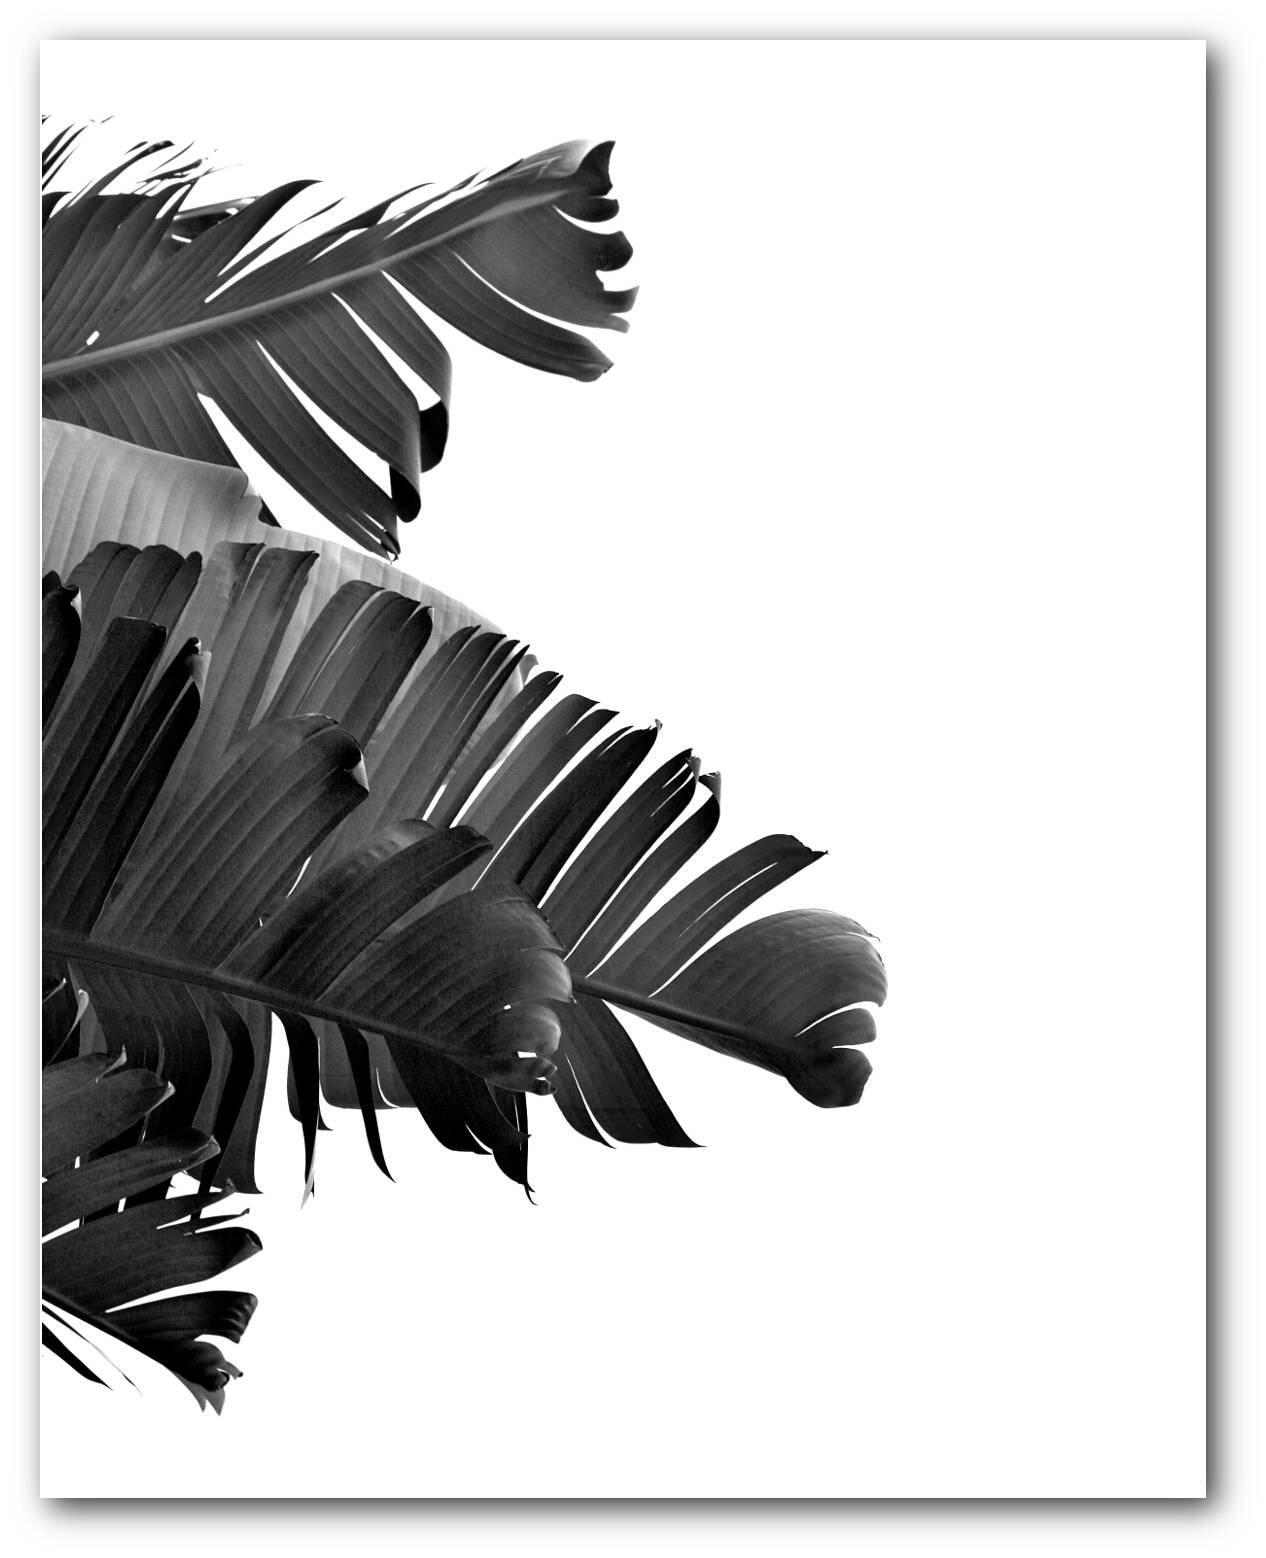 Black and White Banana Leaf Print Tropical Leaf Tropical Theme Decor Tropical Banana Leaves Summer Art 8 x 10 inches Unframed